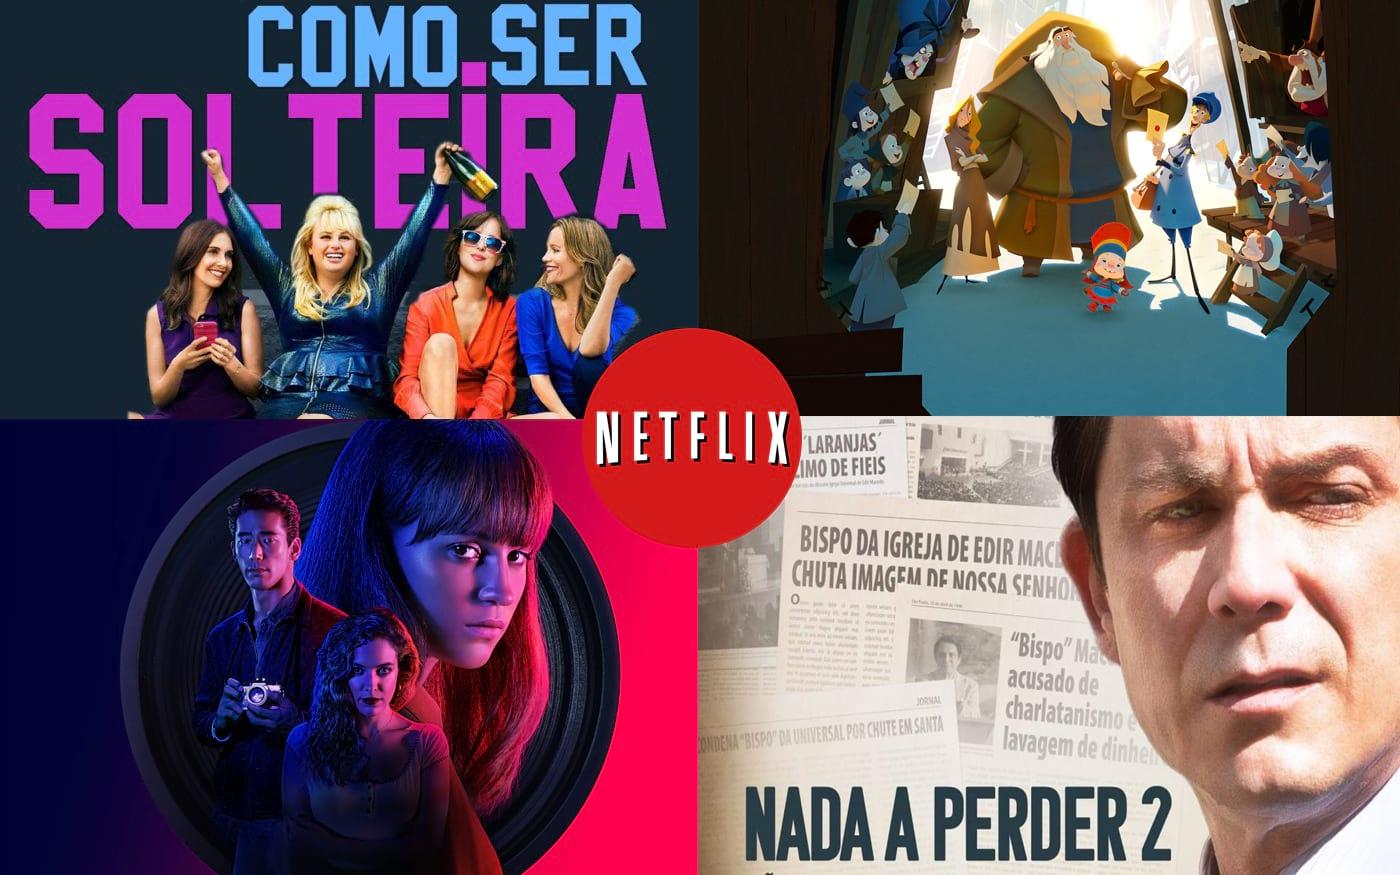 Filmes que chegam na Netflix nesta sexta-feira